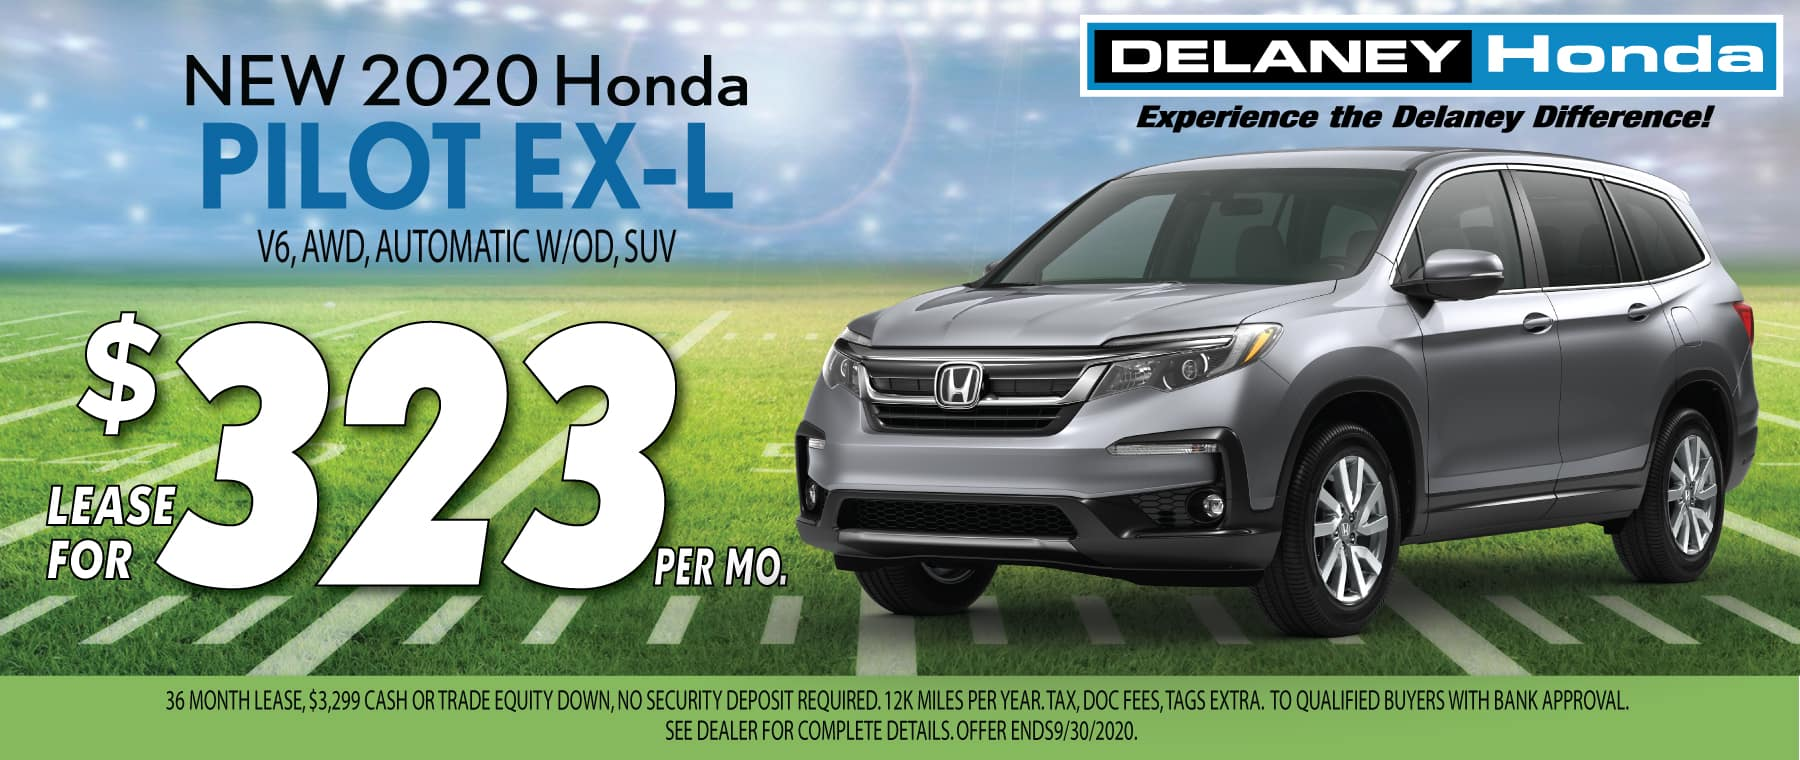 Honda Pilot Lease Offer